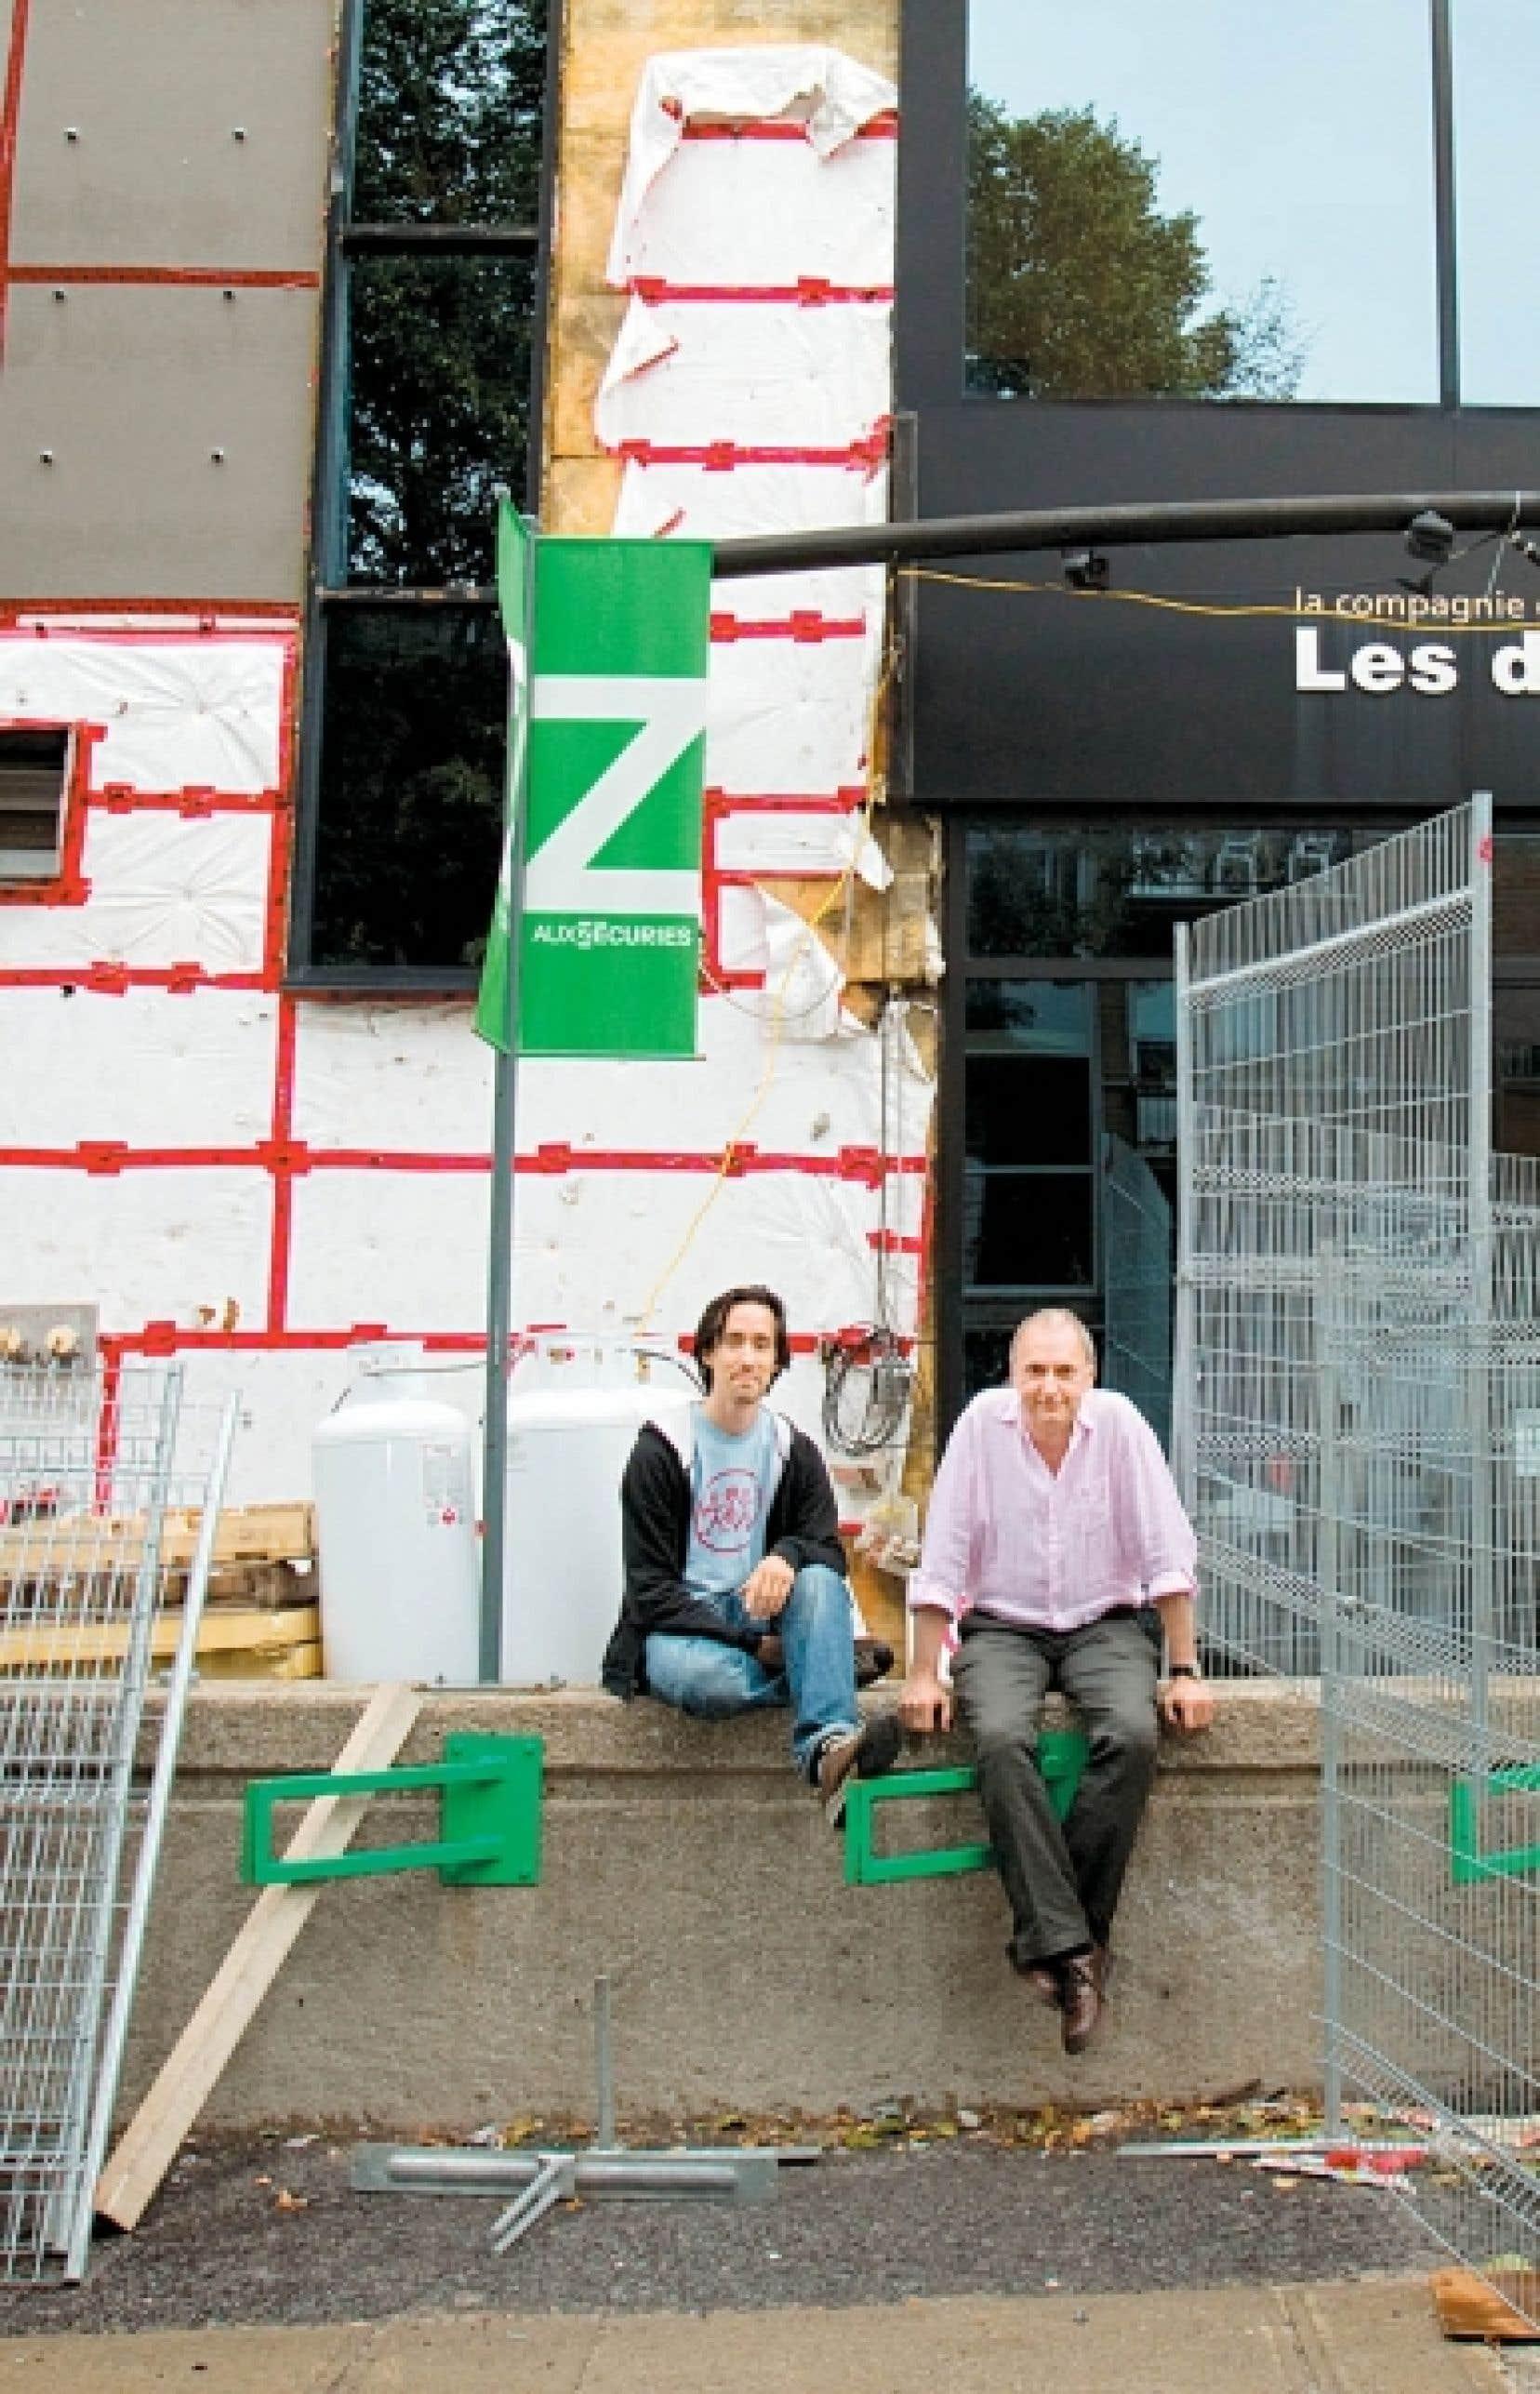 David Lavoie et Pierre Macduff devant le chantier des &Eacute;curies, rue Chabot, dans le quartier Villeray<br />